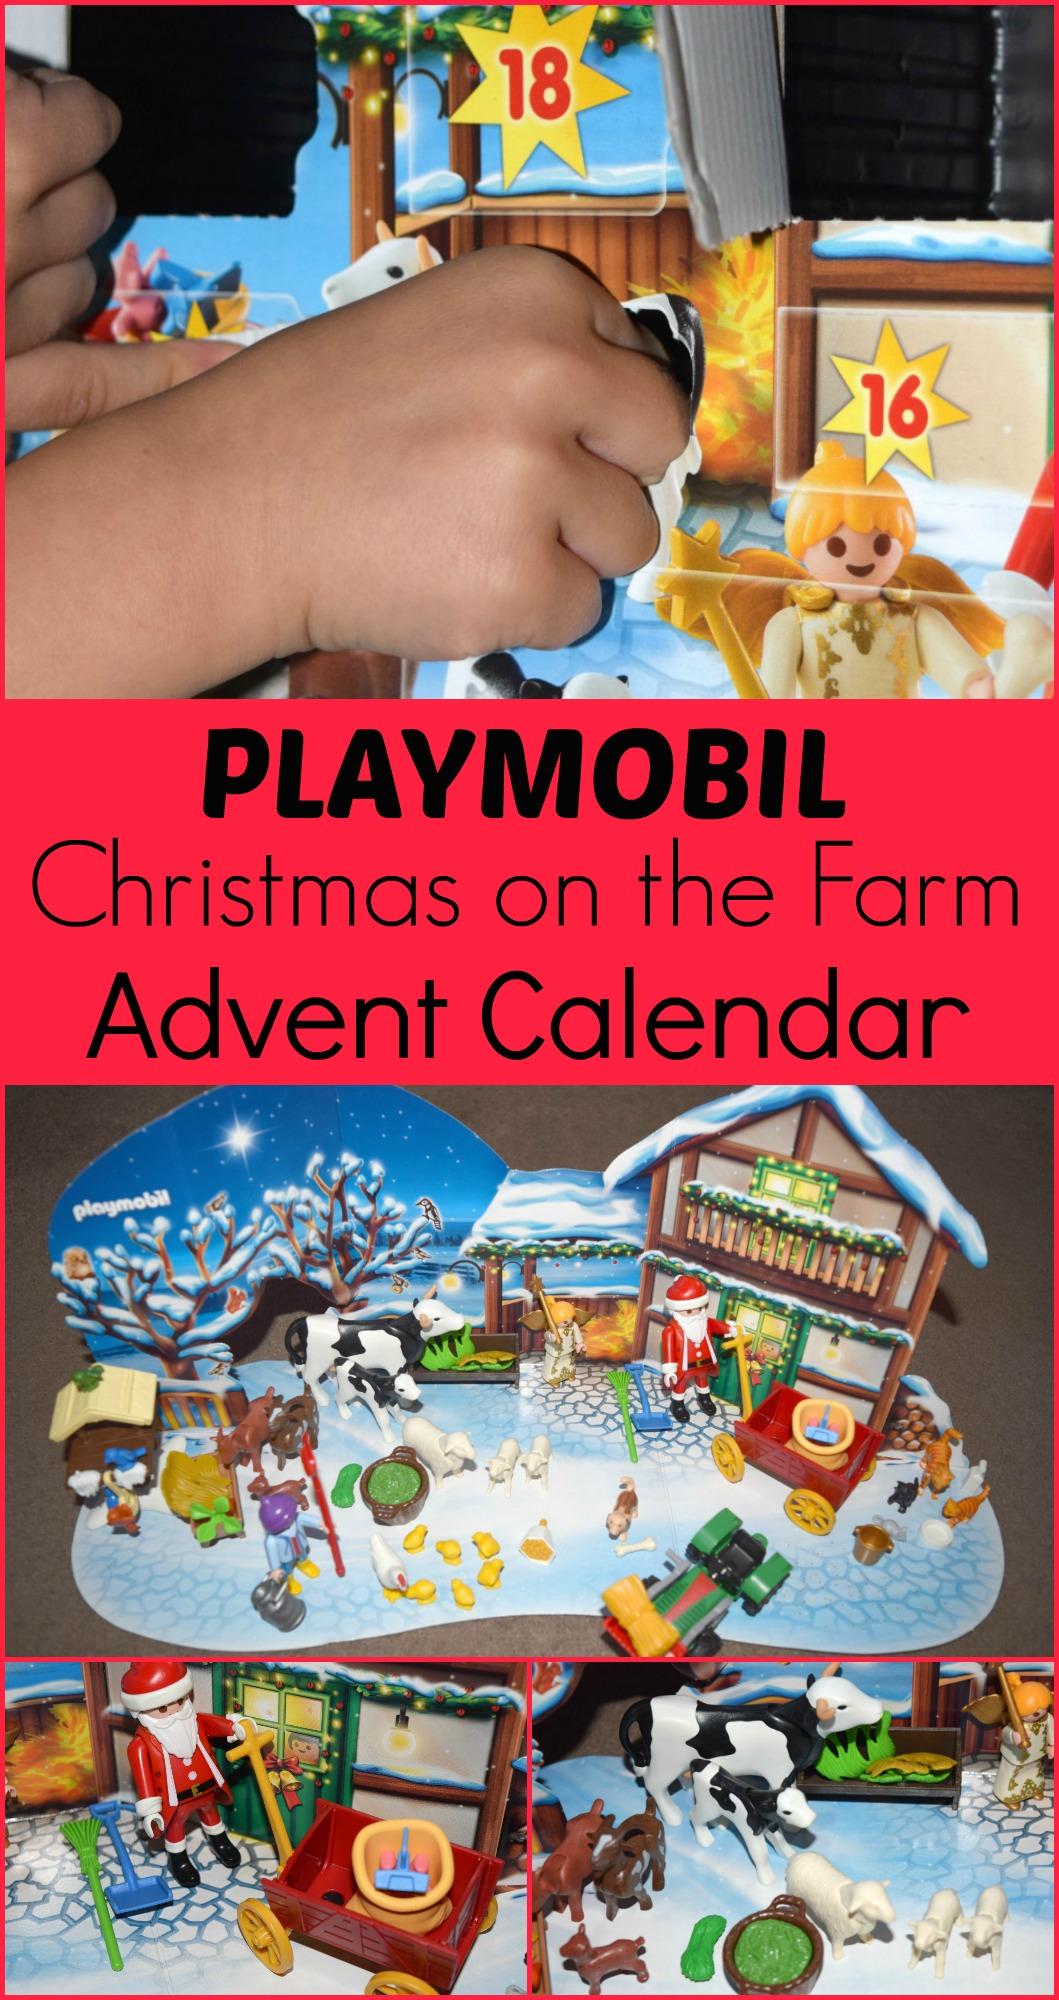 Playmobil Advent calendar Christmas on the Farm - serenity you